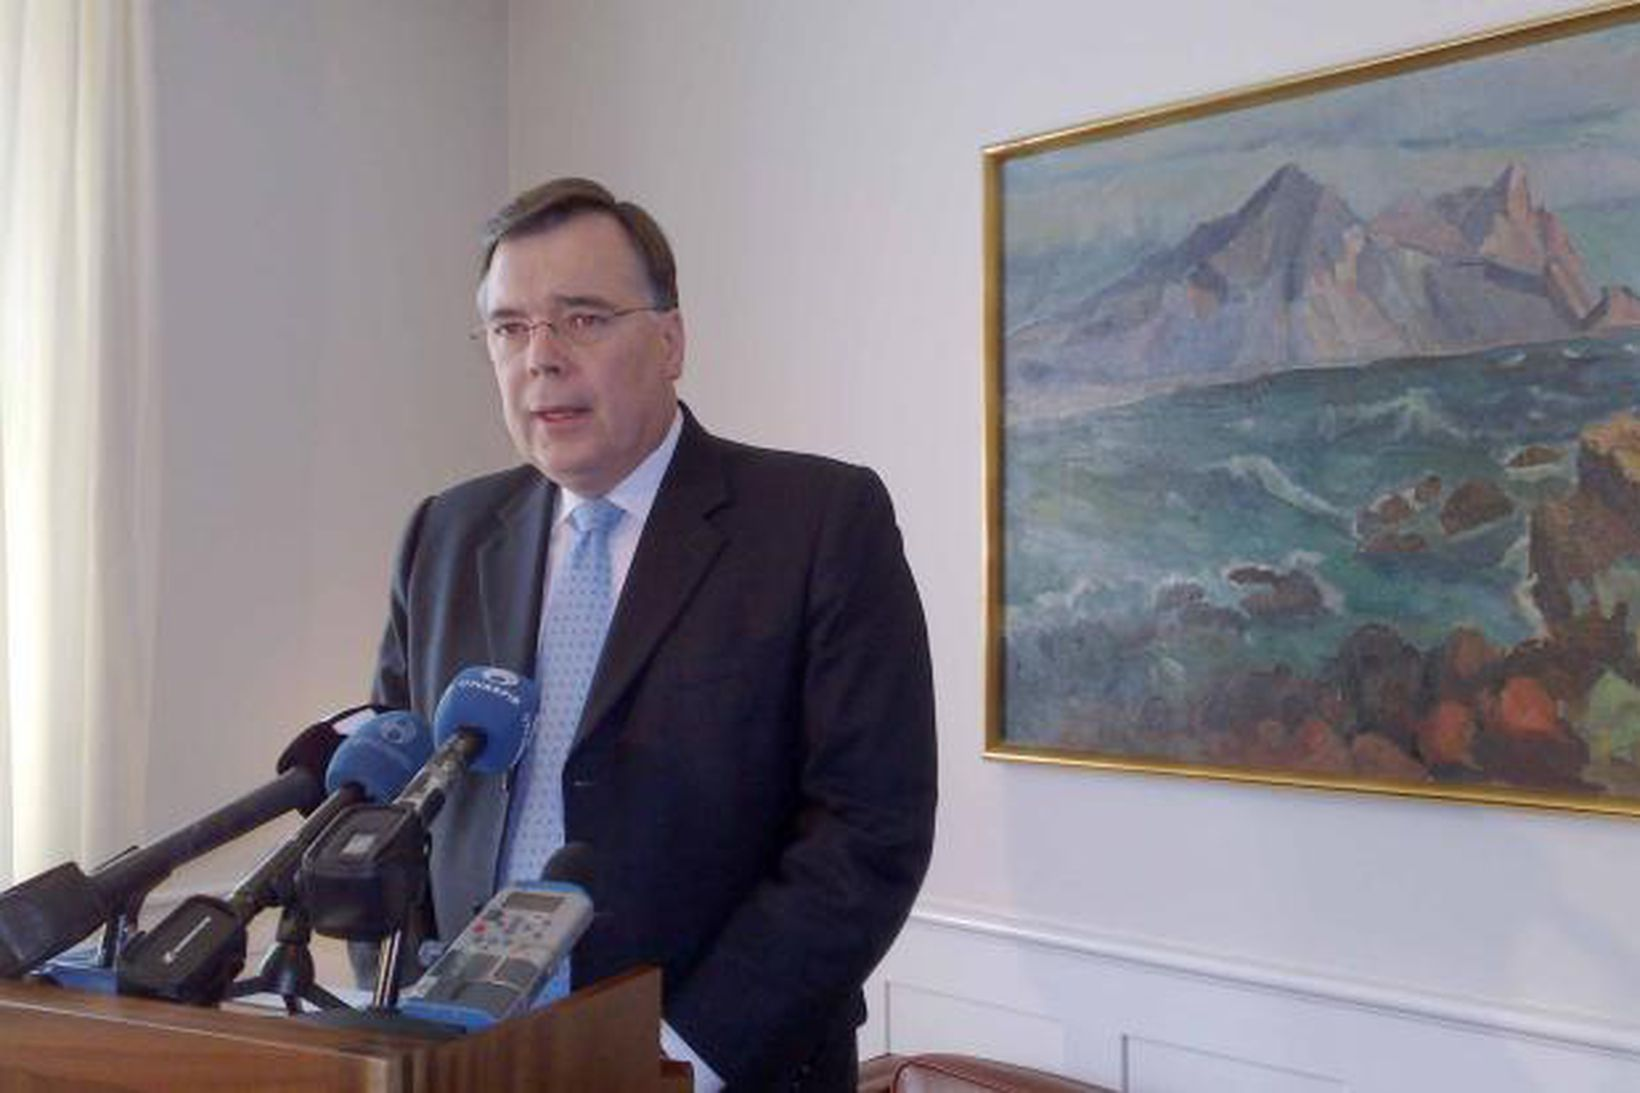 Geir H. Haarde, forsætisráðherra, á blaðamannafundi í stjórnarrráðinu í dag.